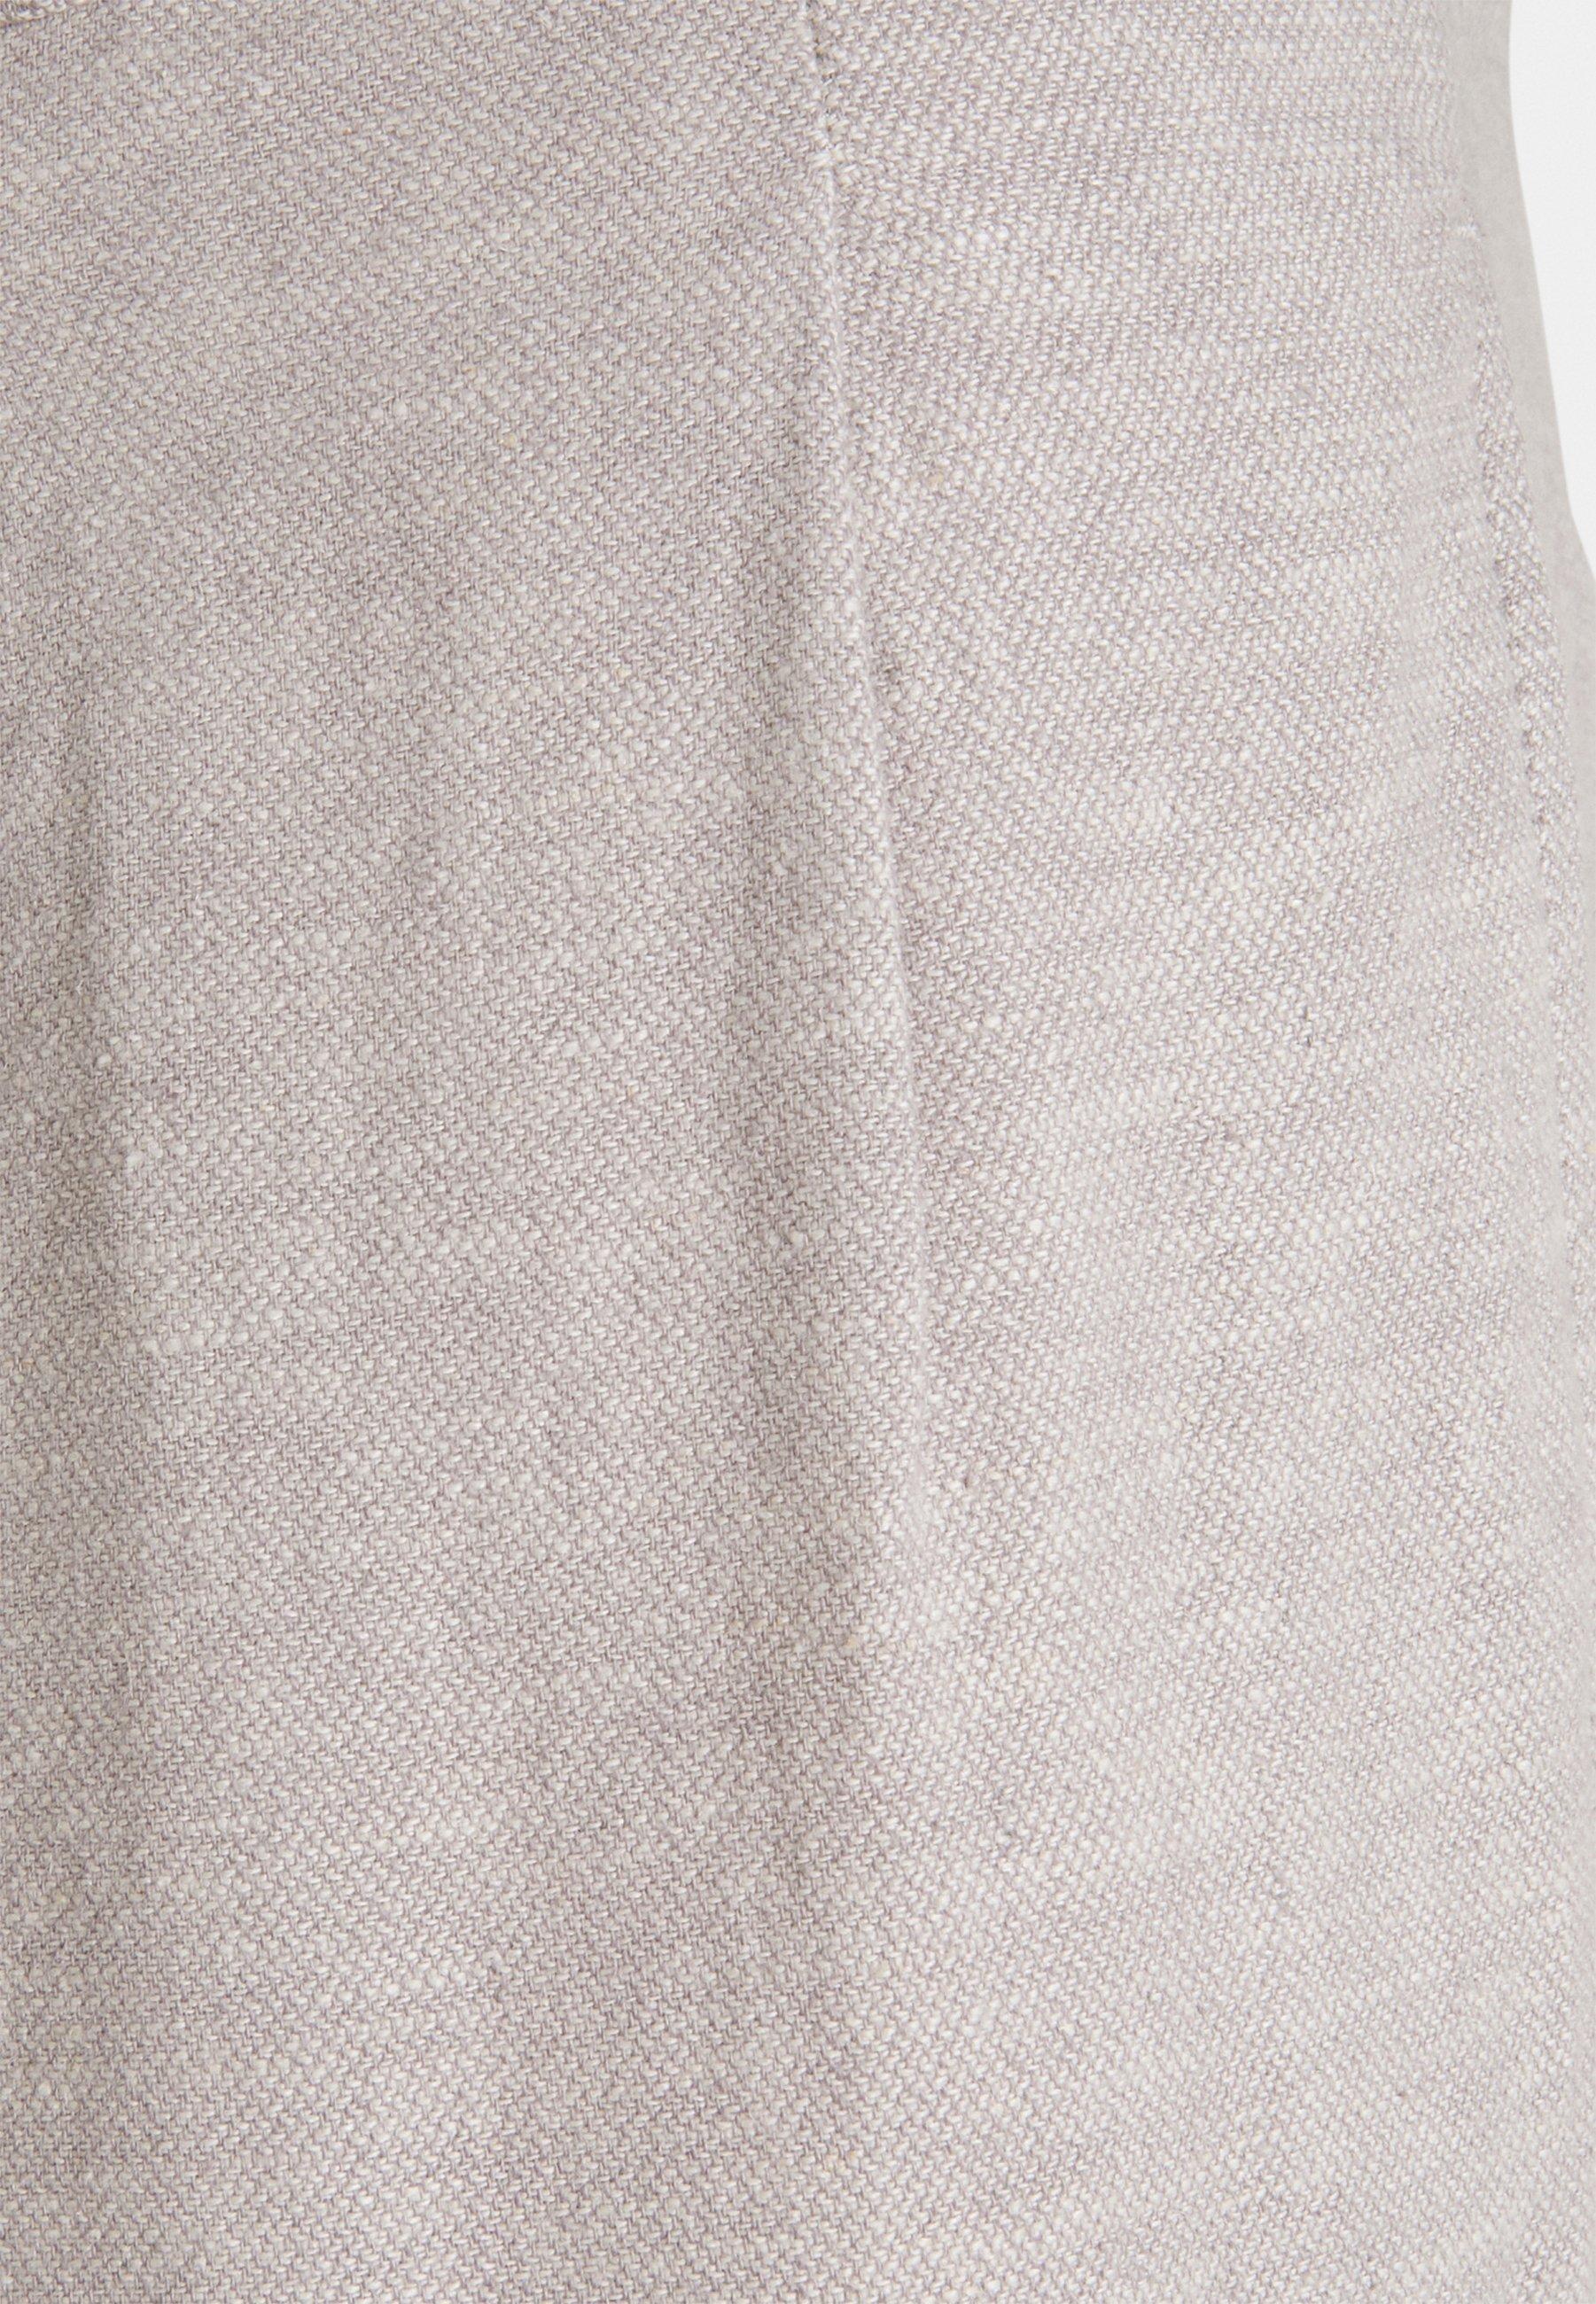 Men FIRENZE BROKE PANT - Trousers